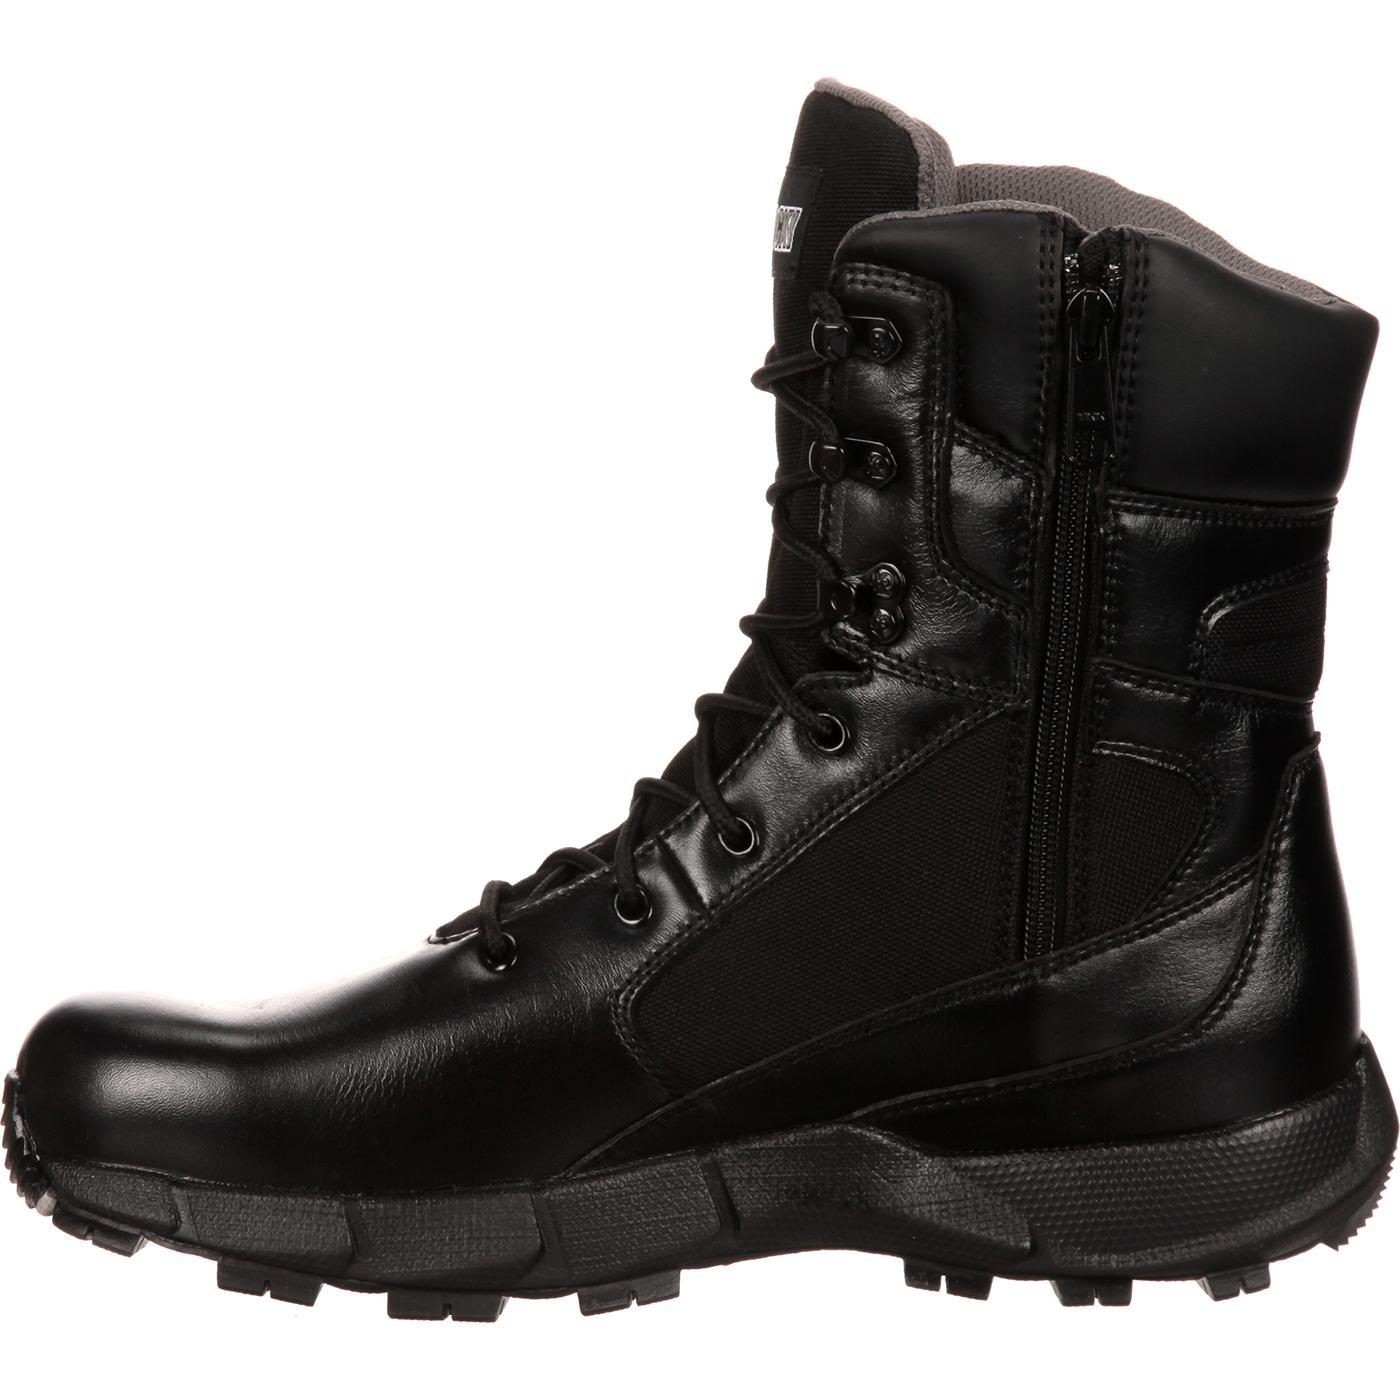 Rocky Broadhead Waterproof Side Zip Duty Boot Rkyd015